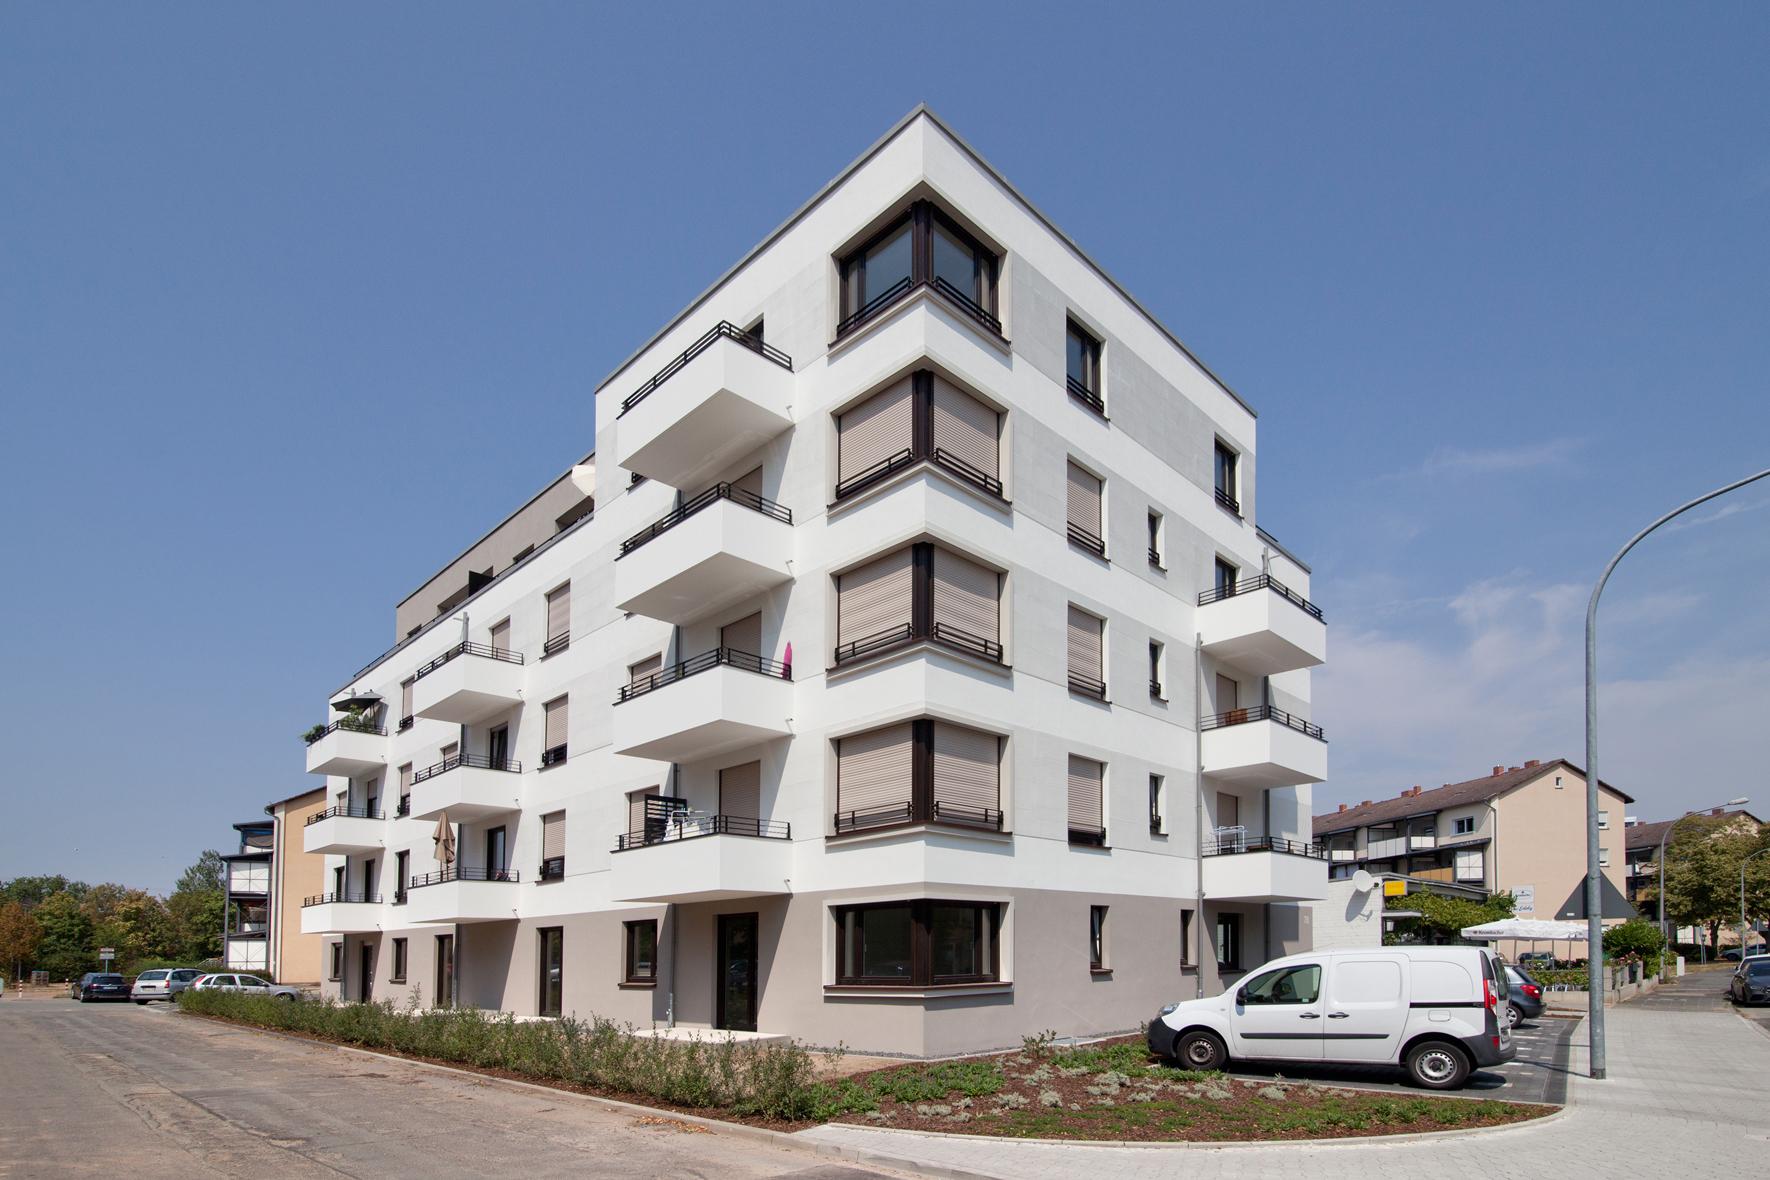 326 Georg Treber Straße Rüsselsheim FFM-Architekten